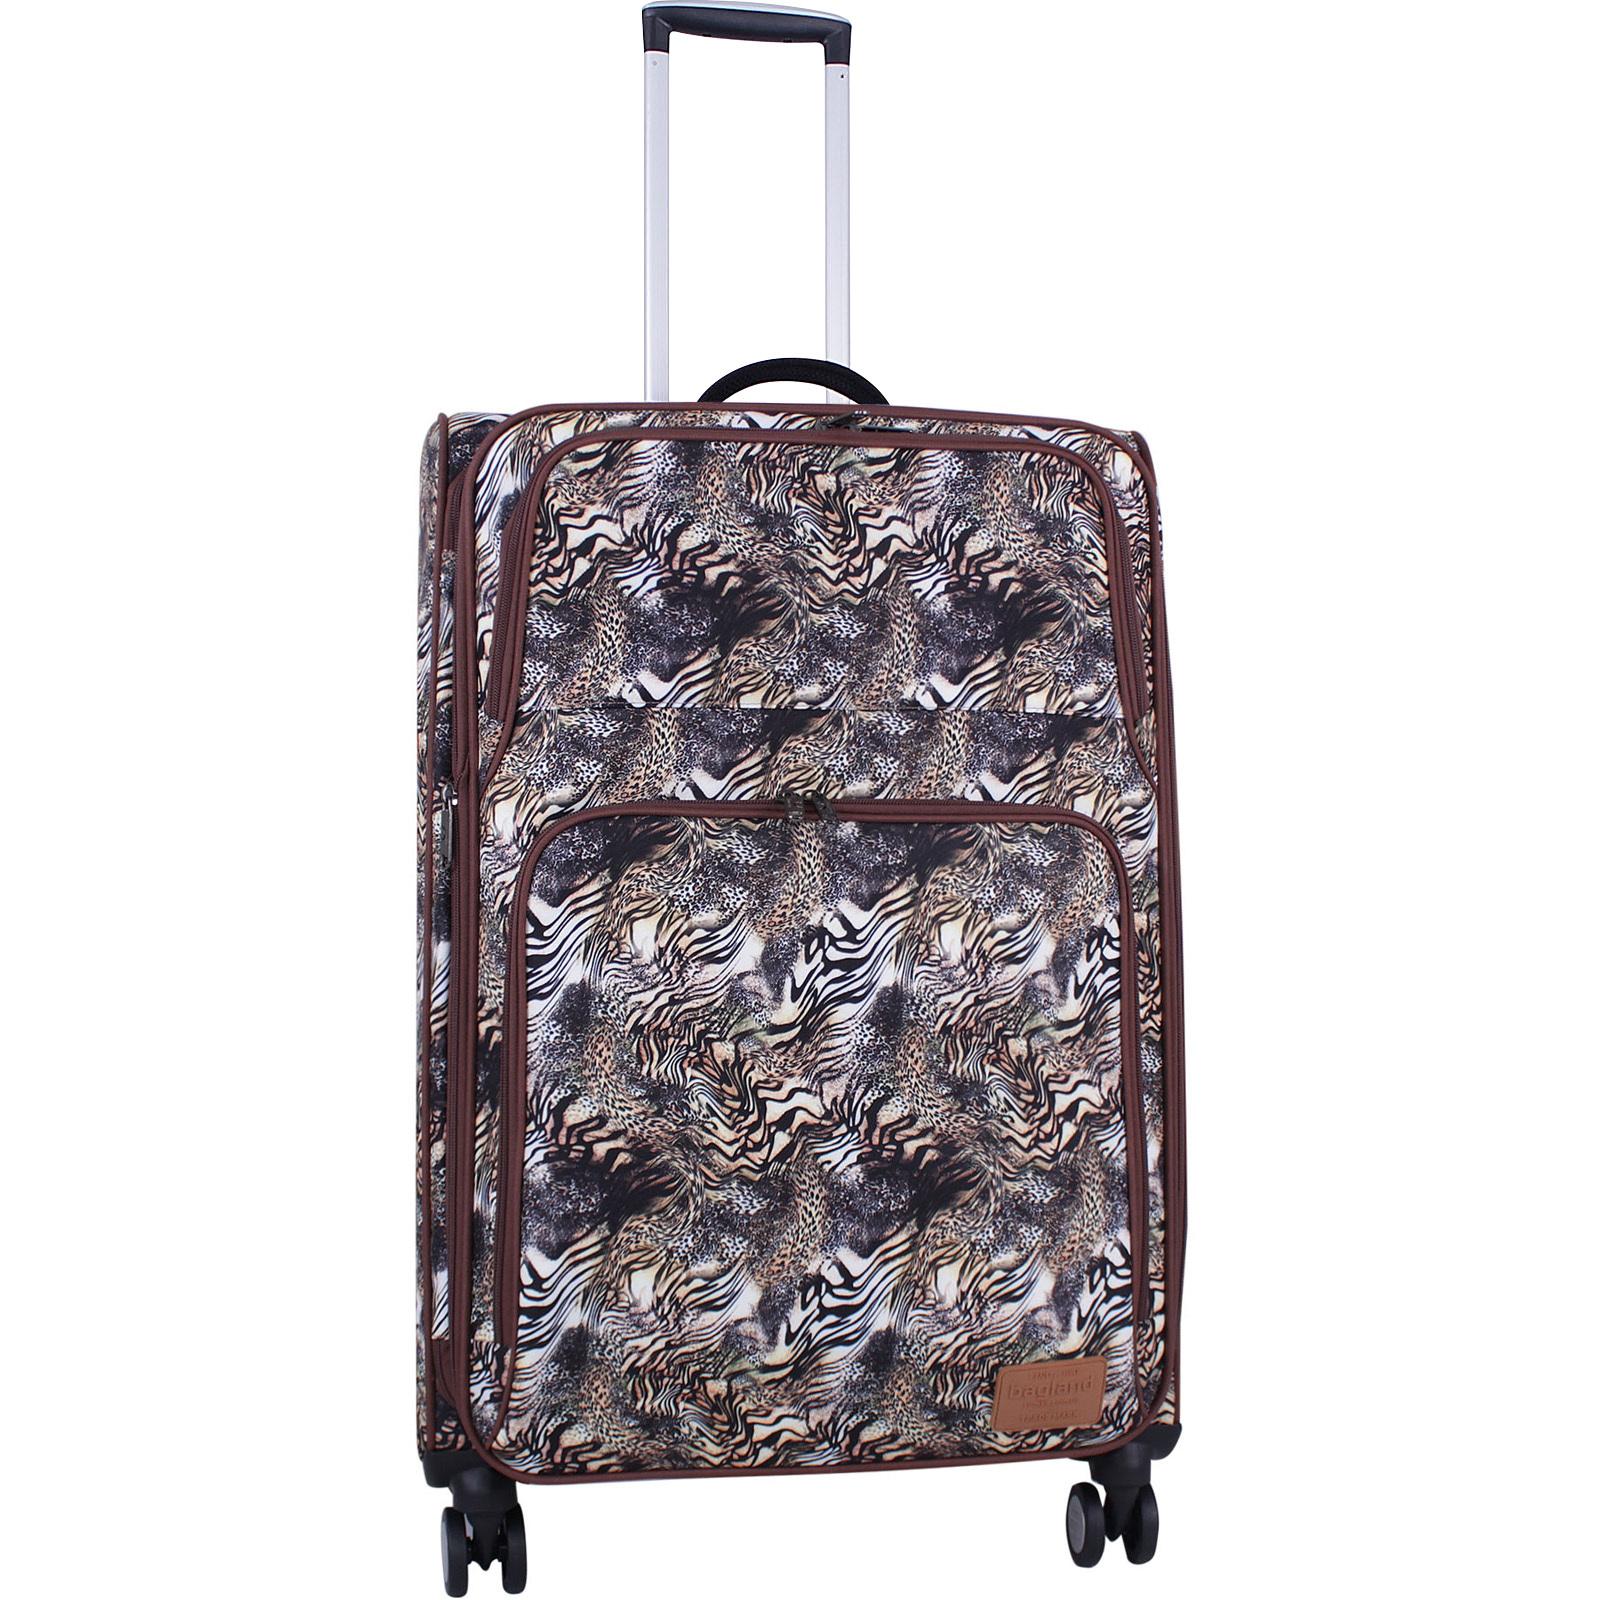 Дорожные чемоданы Чемодан Bagland Валенсия большой дизайн 83 л. сублімація 725 (0037966274) IMG_6651-1600.jpg